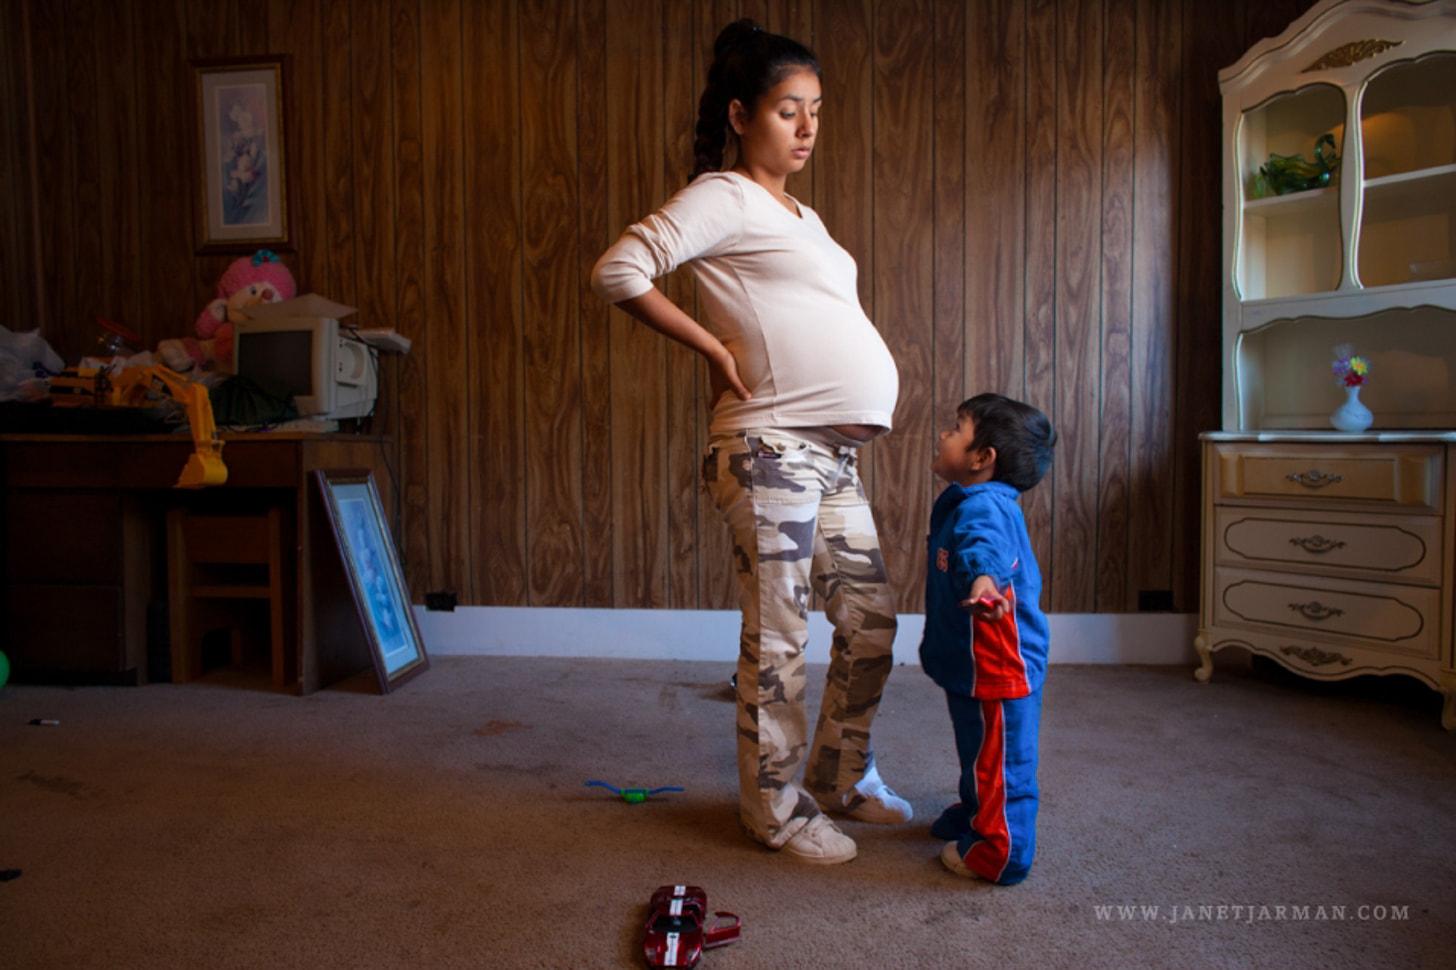 Marisol y el sueño americano, por Janet Jarman